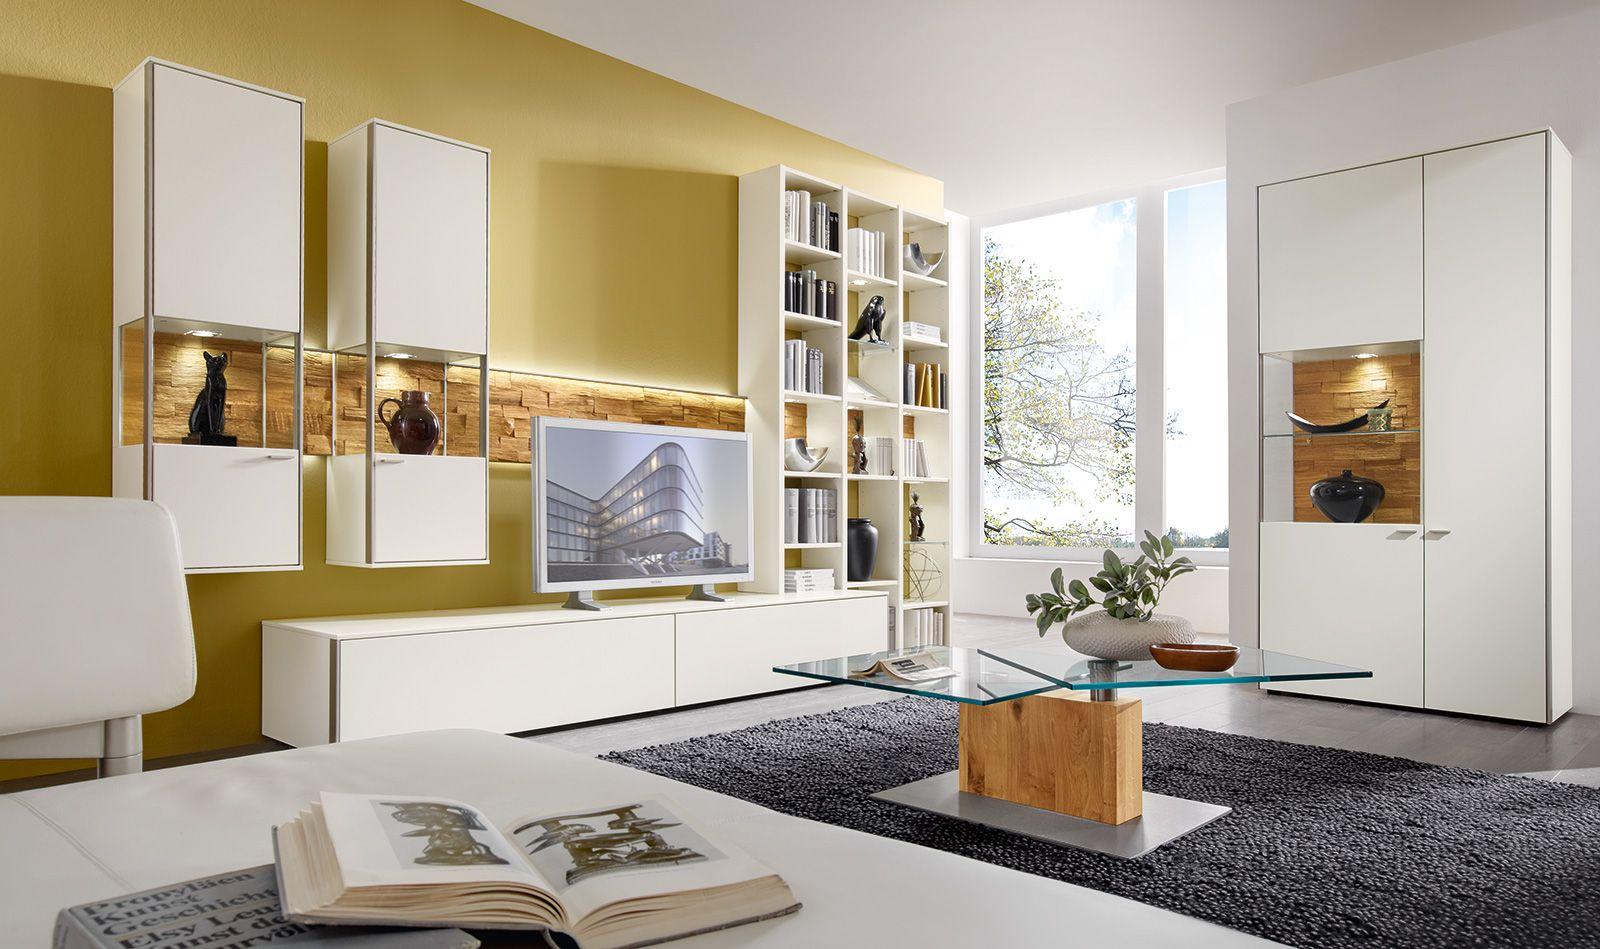 Designermöbel wohnzimmer ~ Sentino programme wohnzimmer venjakob möbel ideen rund ums